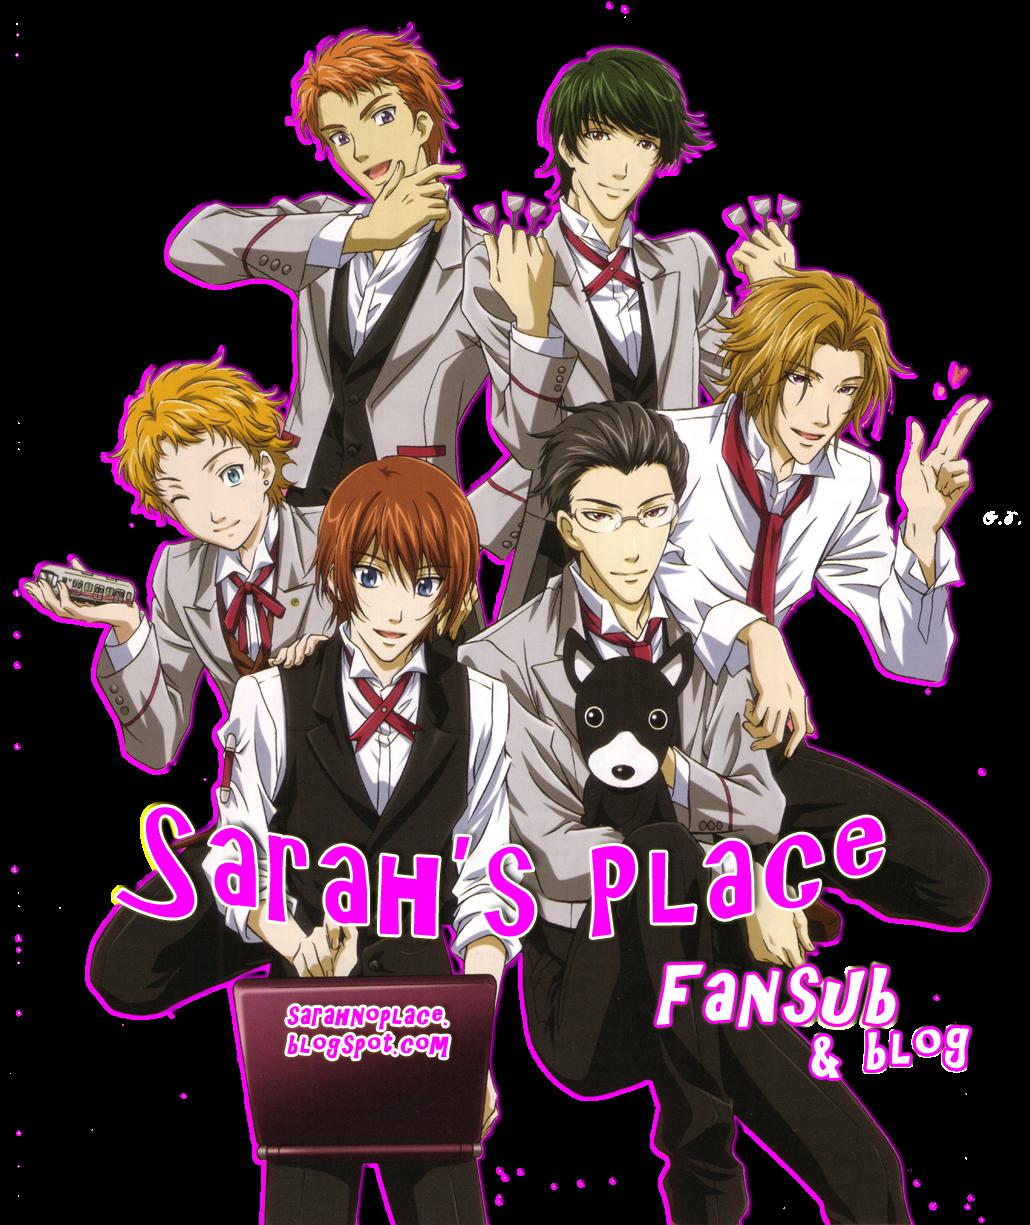 Sarah's Place Fansub